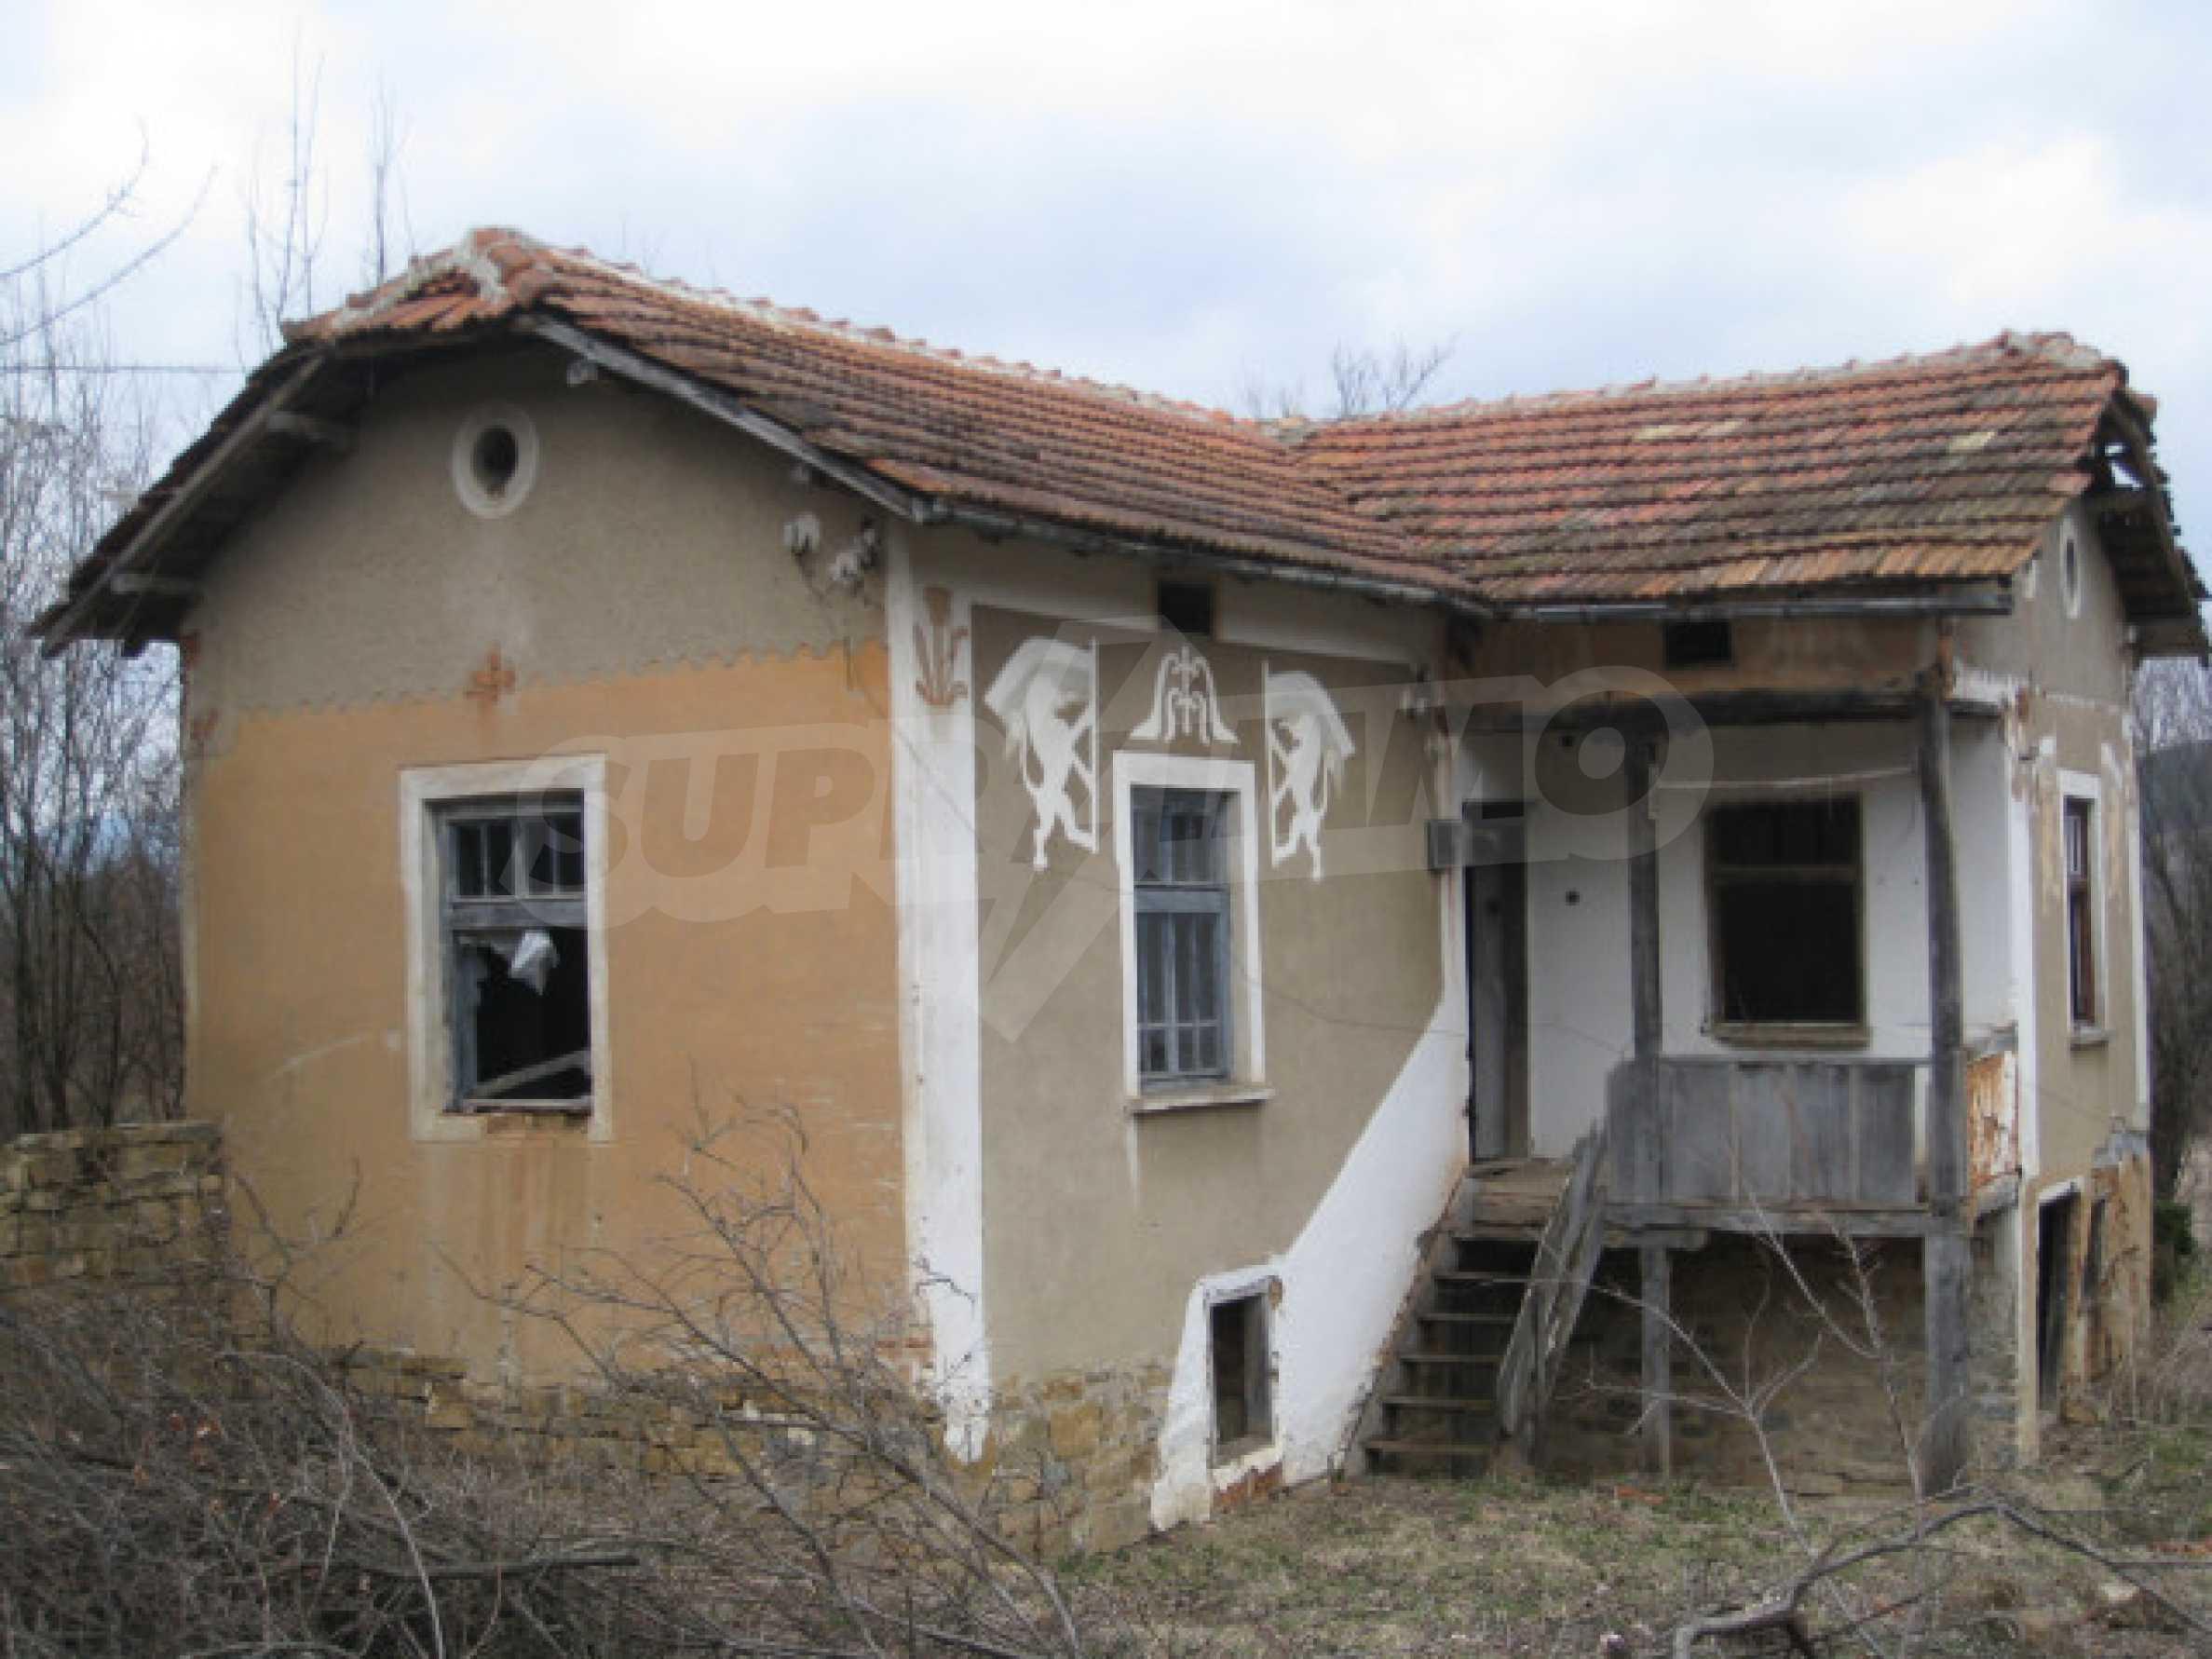 Haus in der Nähe von Golfplatz 1